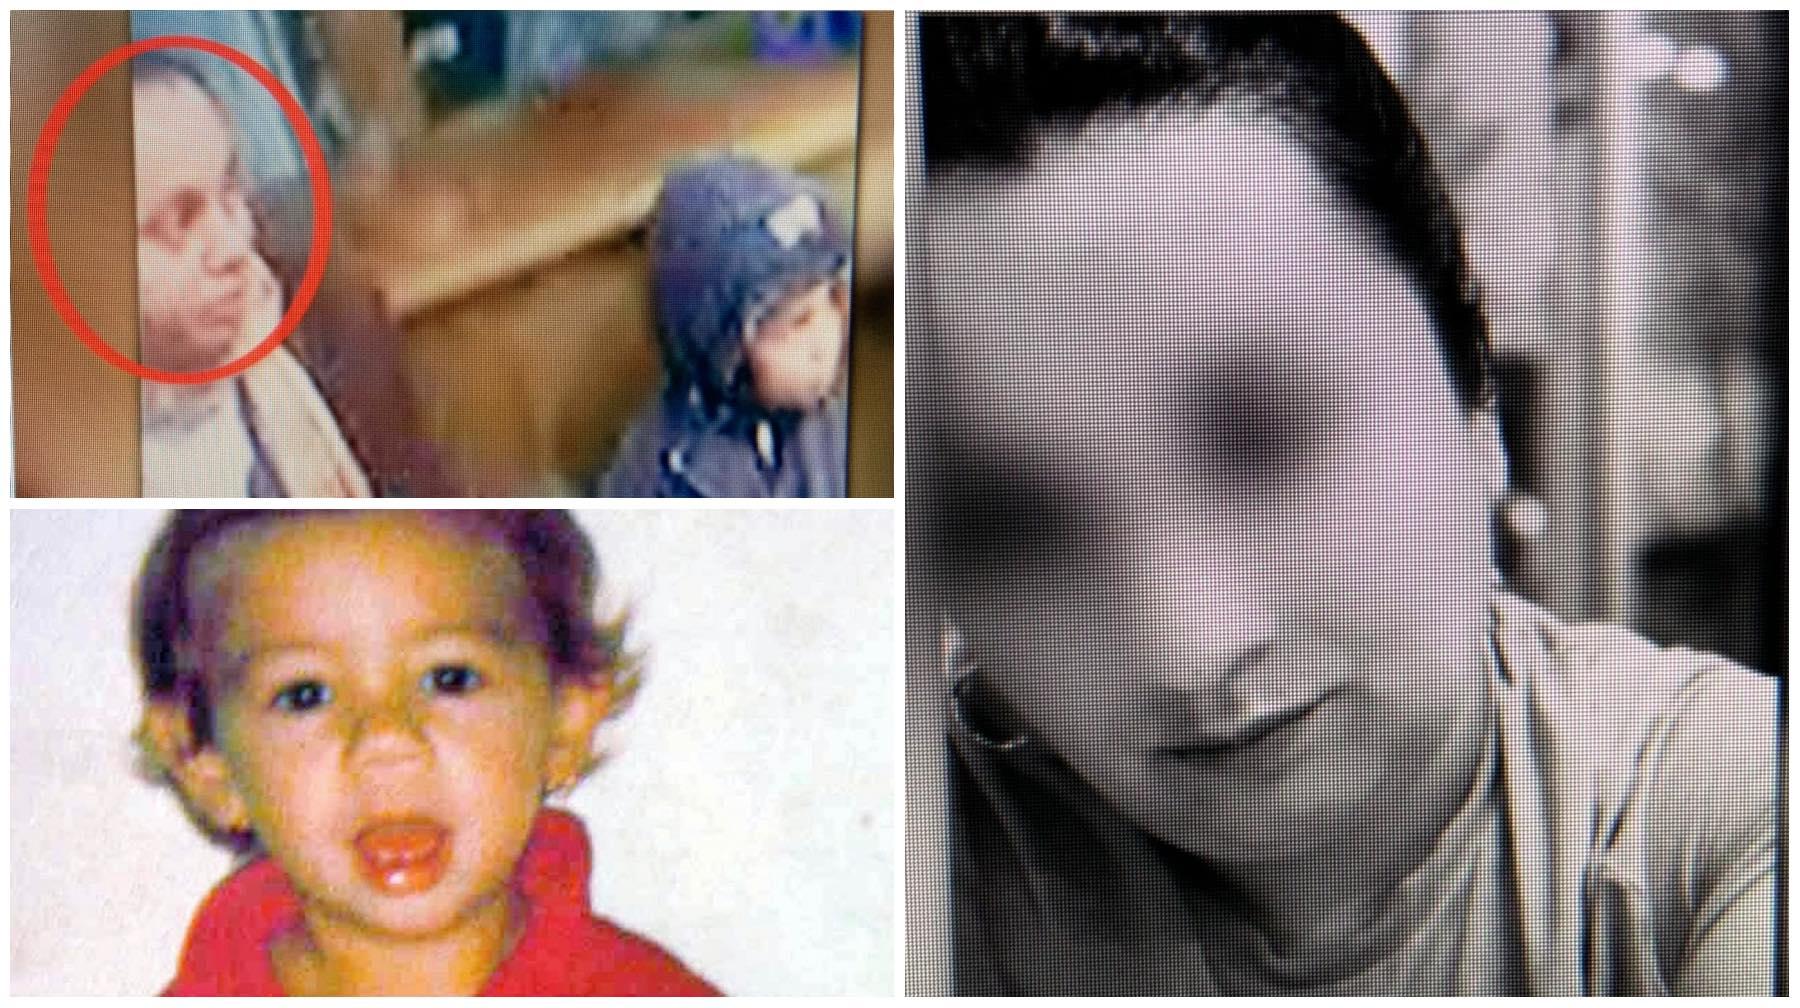 denise pipitone donna nomade mattino cinque foto